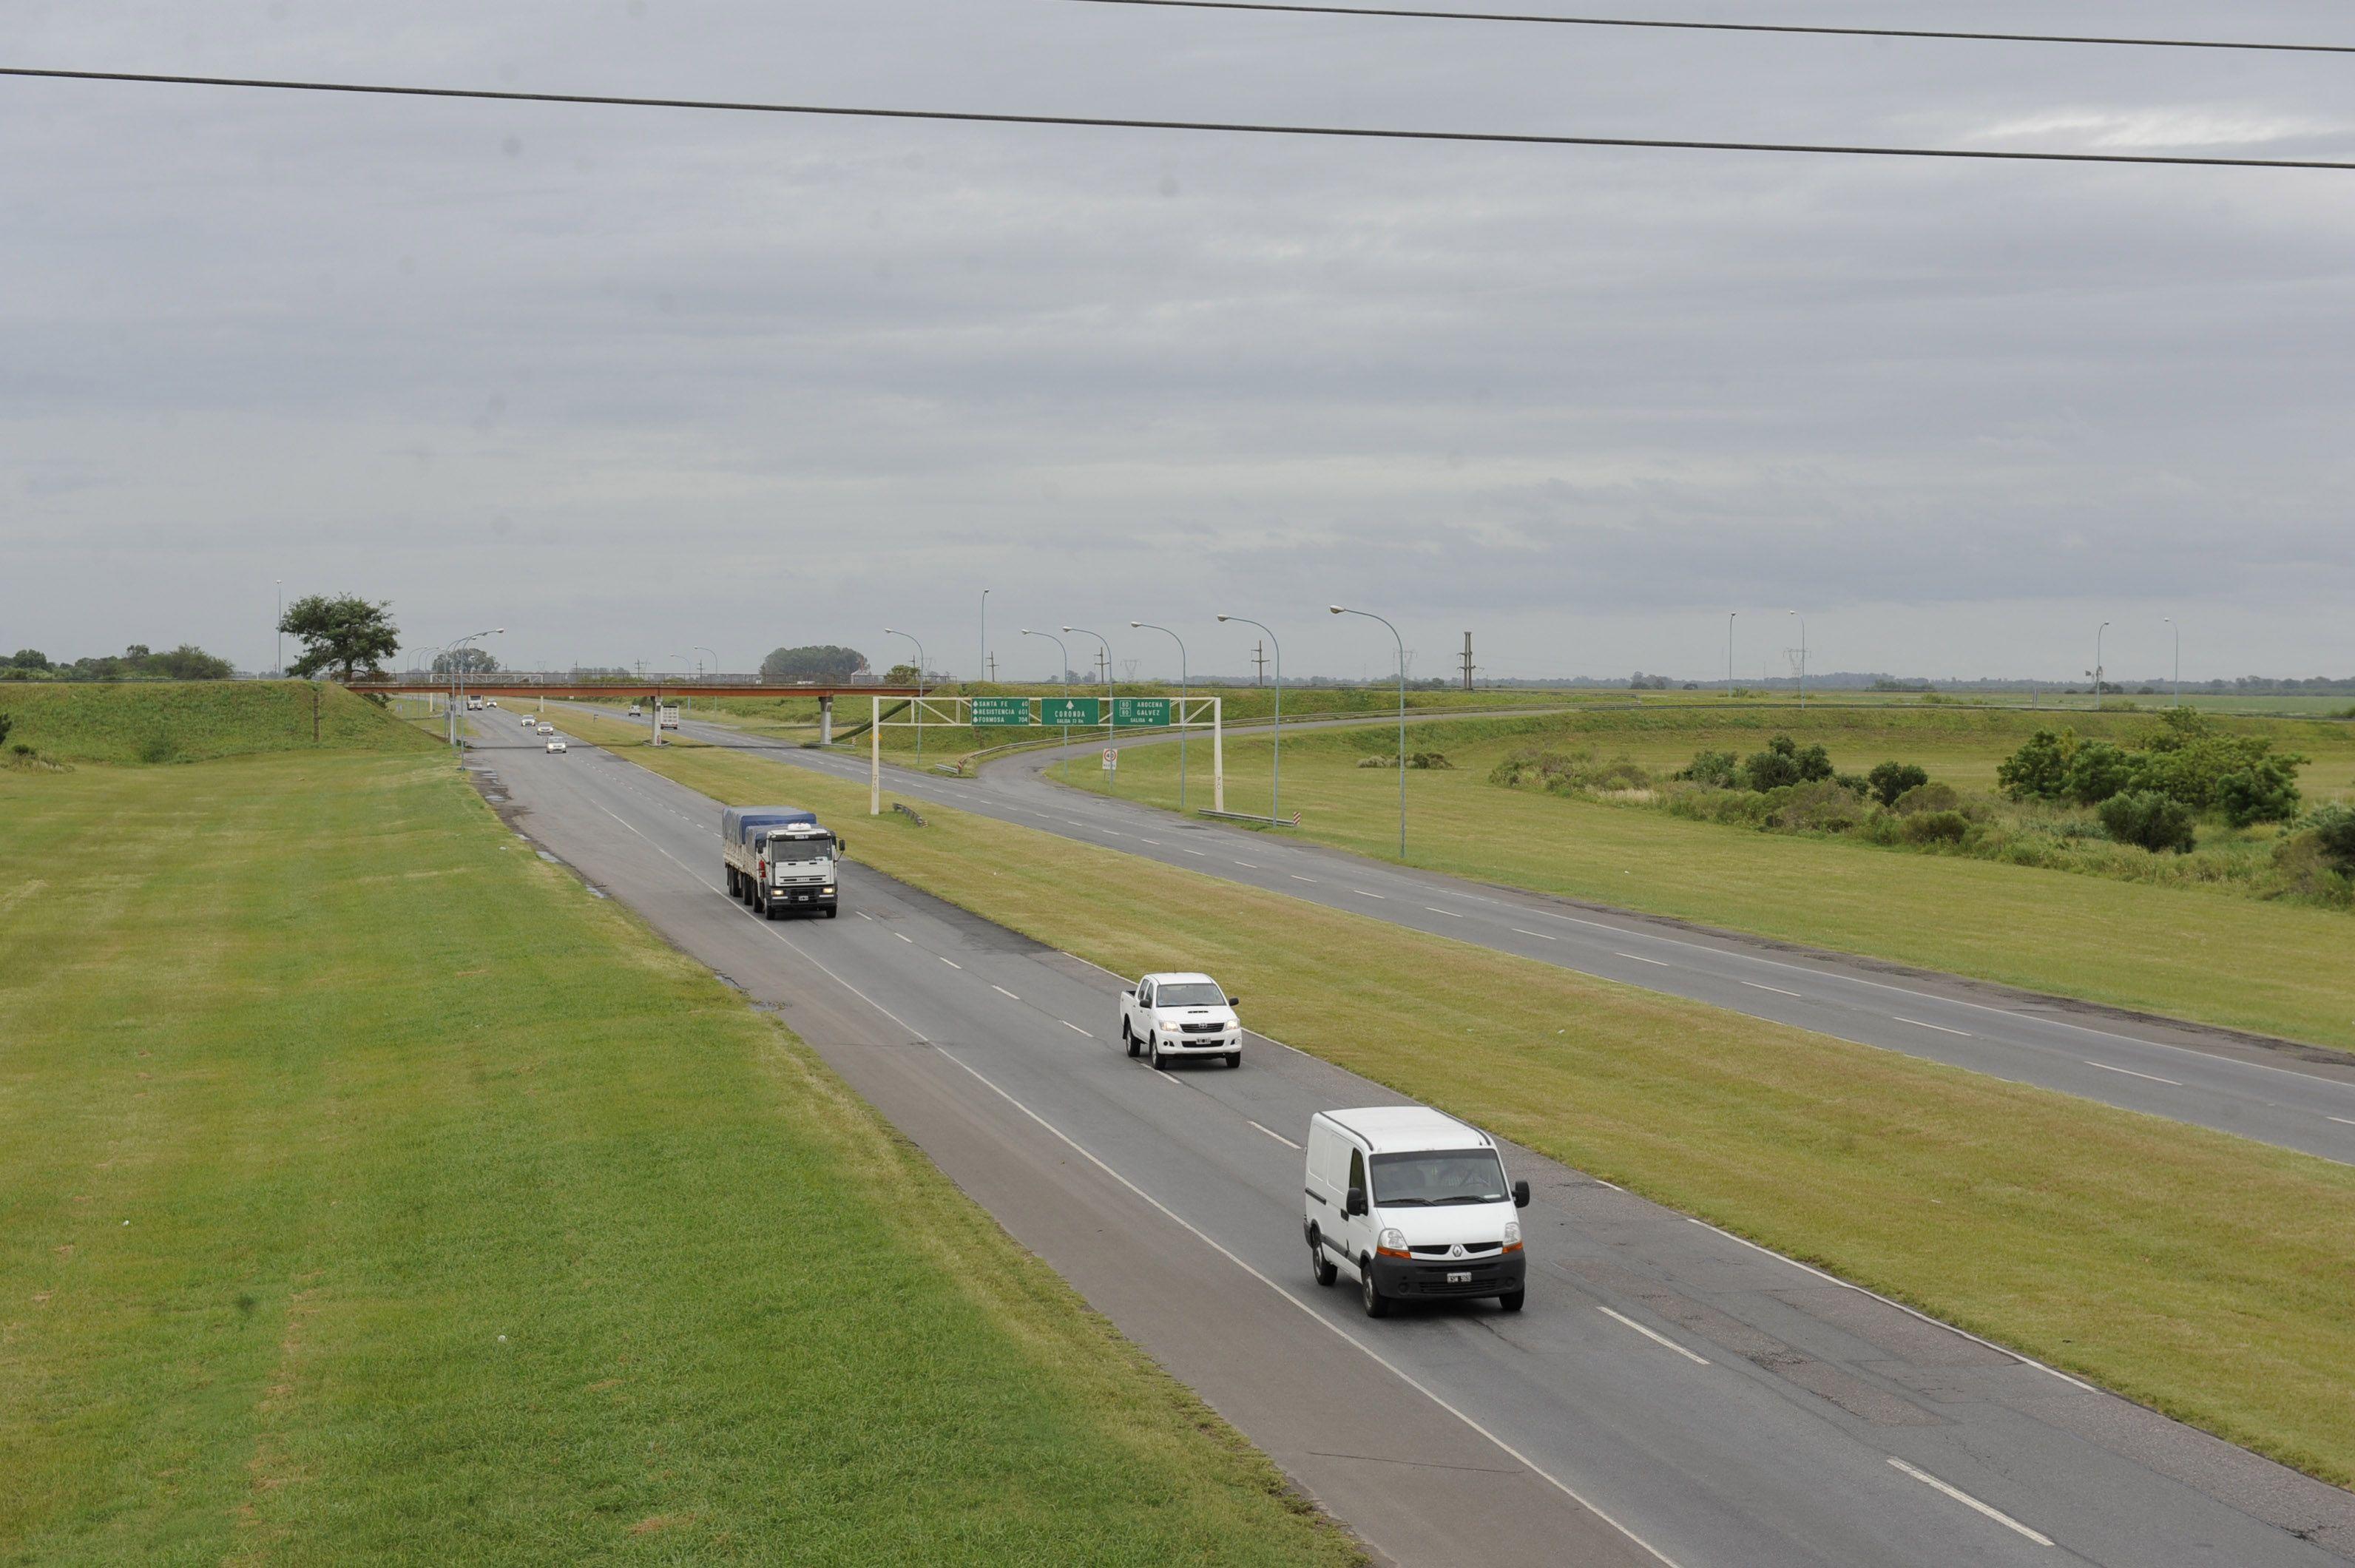 La provincia colocó cinemómetros a lo largo de la conexión vial que une la ciudad con la capital provincial.(Foto: C.M.Lovera)